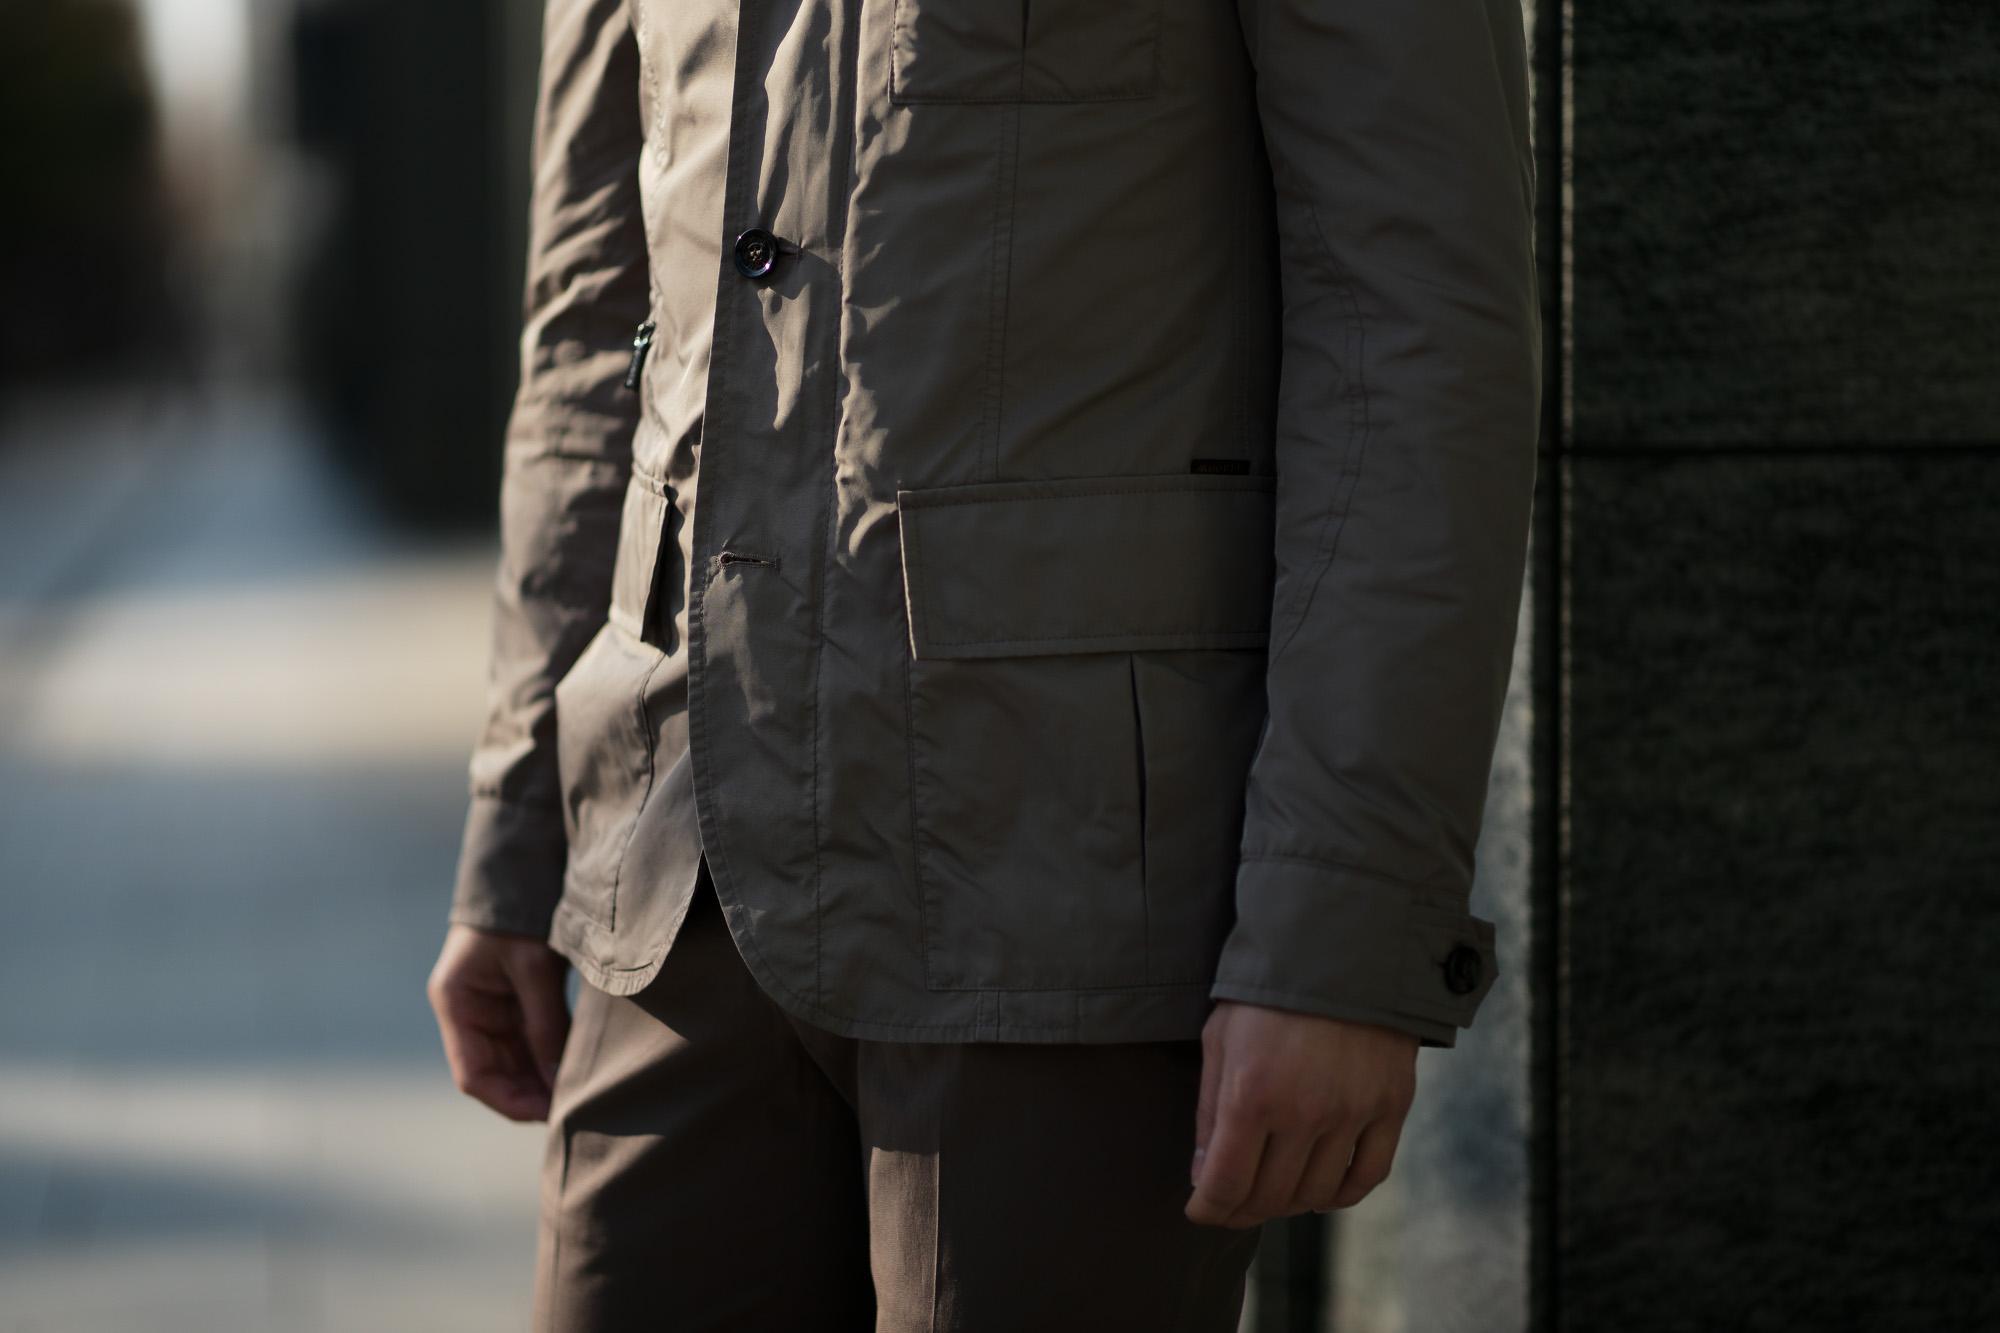 MOORER (ムーレー) PORTO-KM (ポルト) M-65 フィールド ナイロン ジャケット VISONE (グレージュ) Made in italy (イタリア製) 2019 春夏新作 愛知 名古屋 Alto e Diritto アルトエデリット